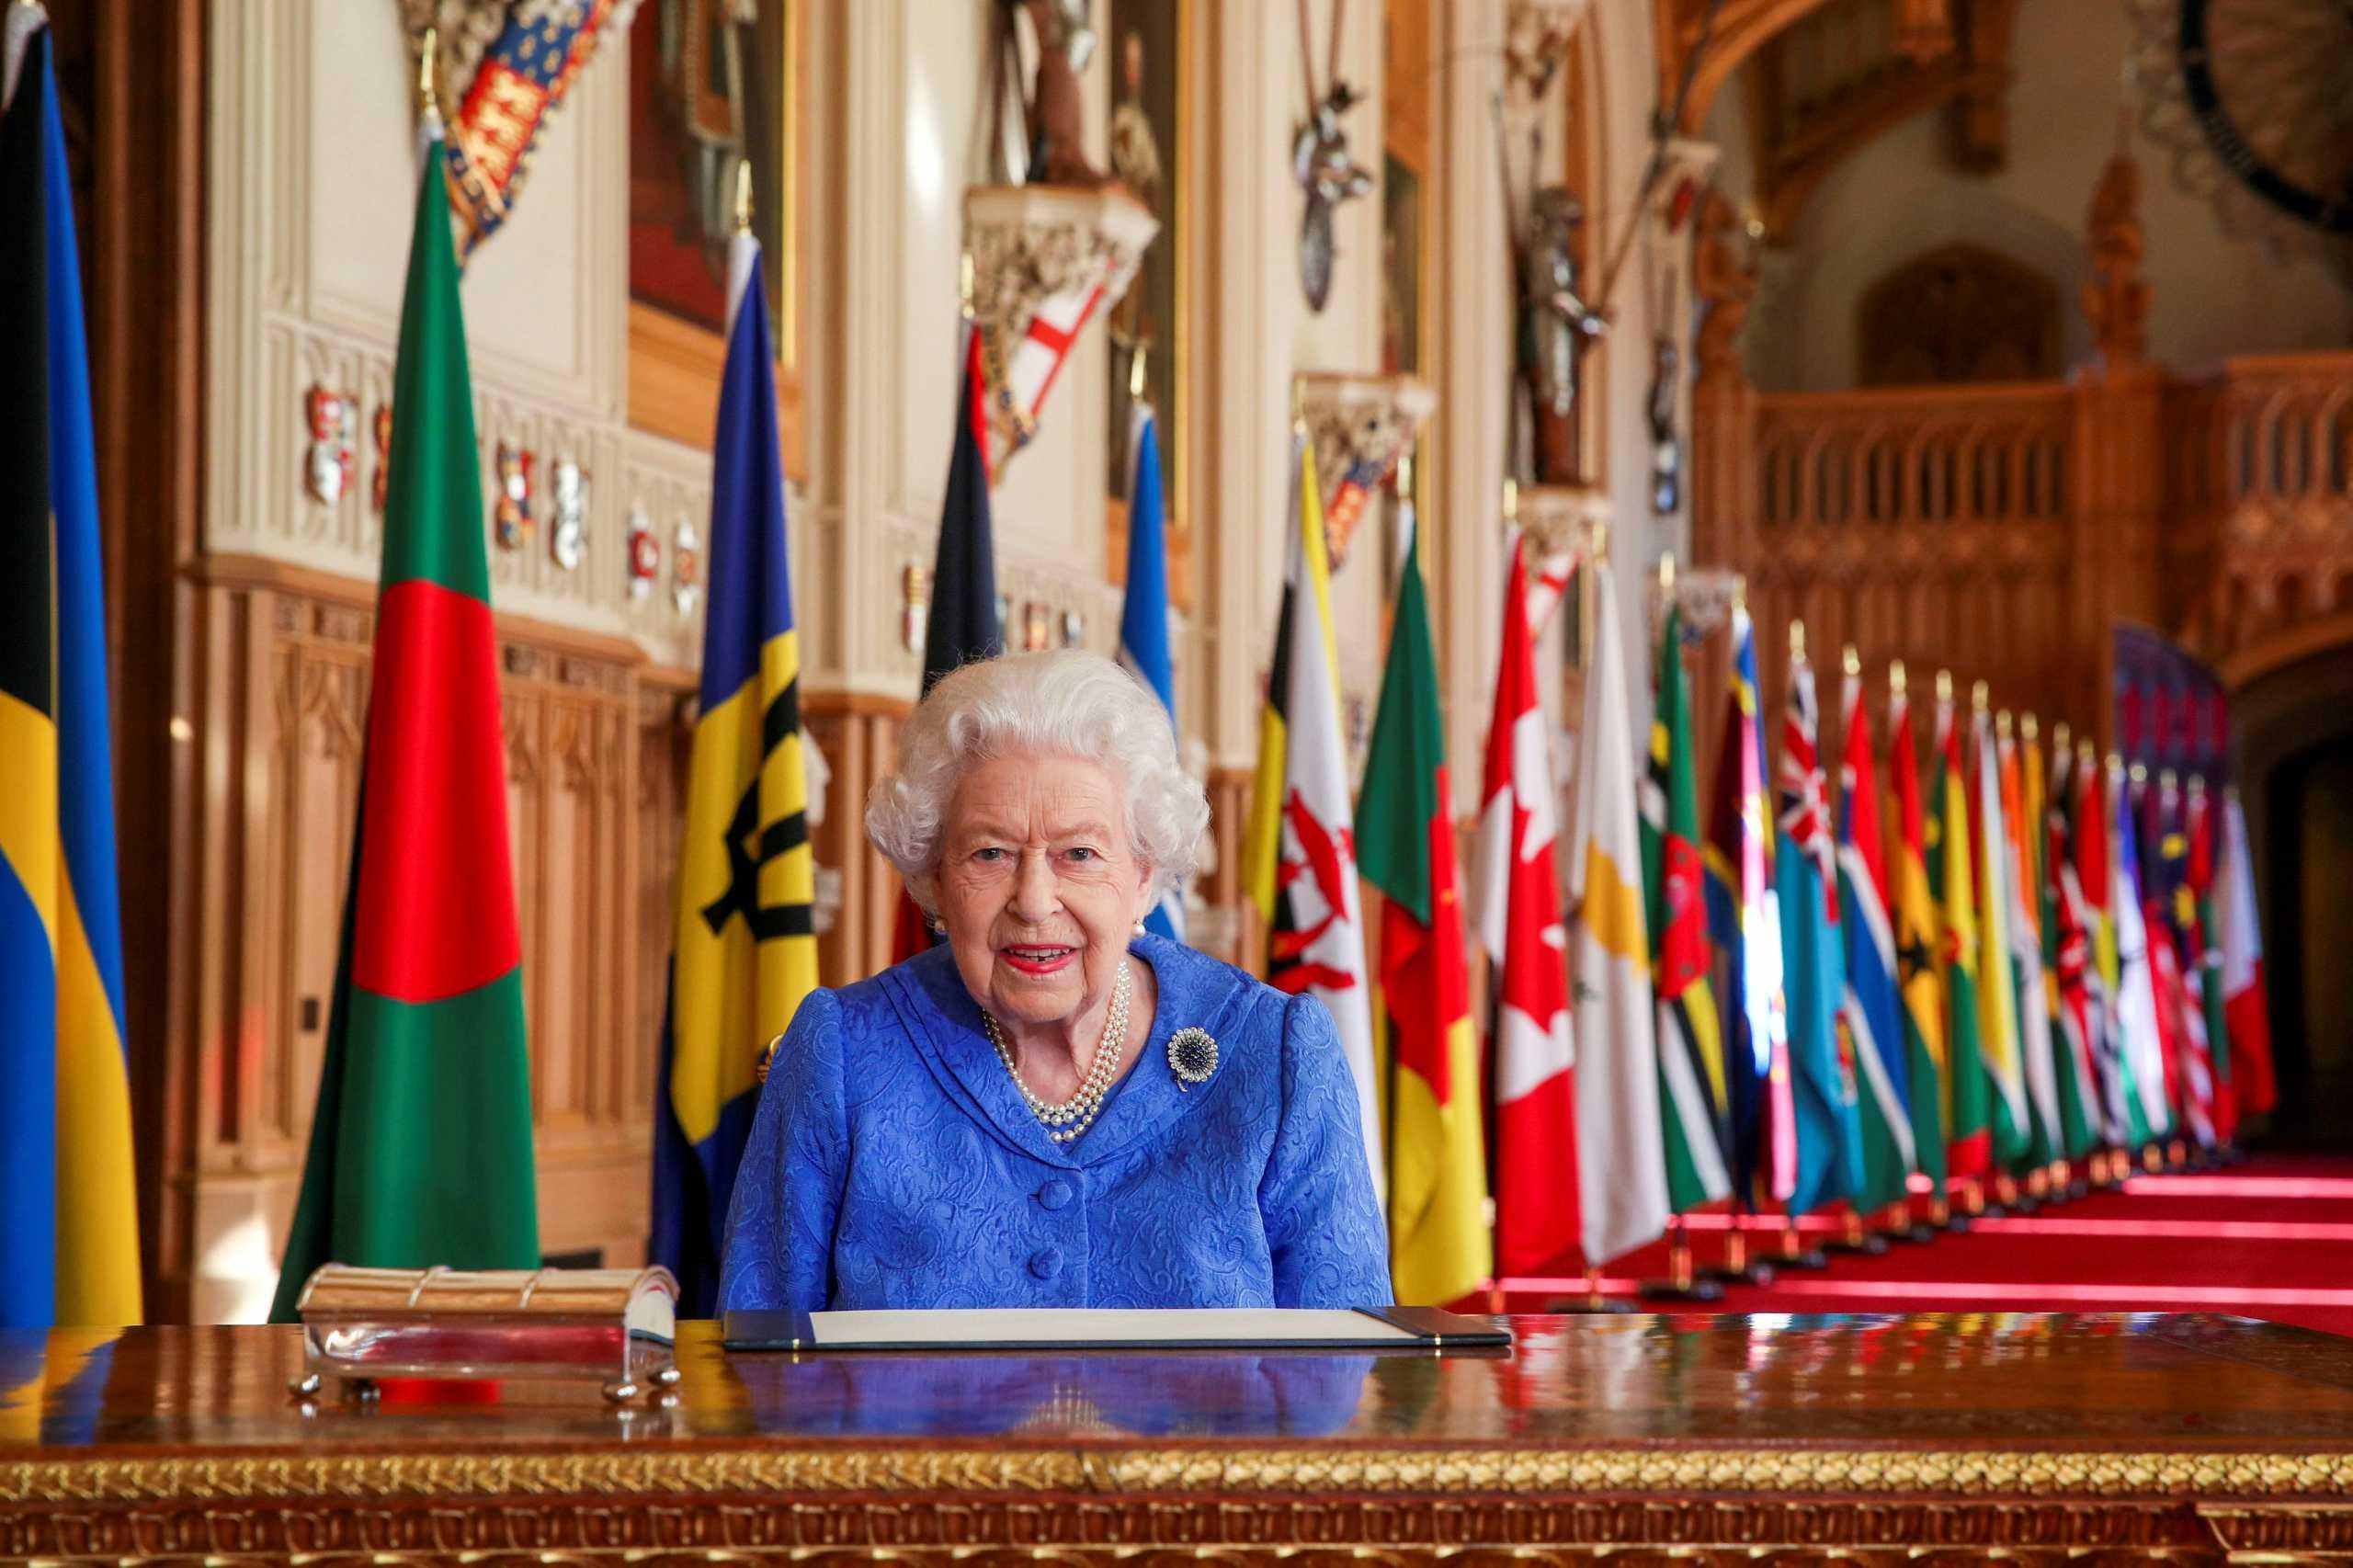 Βασίλισσα Ελισάβετ: Τα είπε στους Βρετανούς για να τ' ακούσουν ο Χάρι και η Μέγκαν